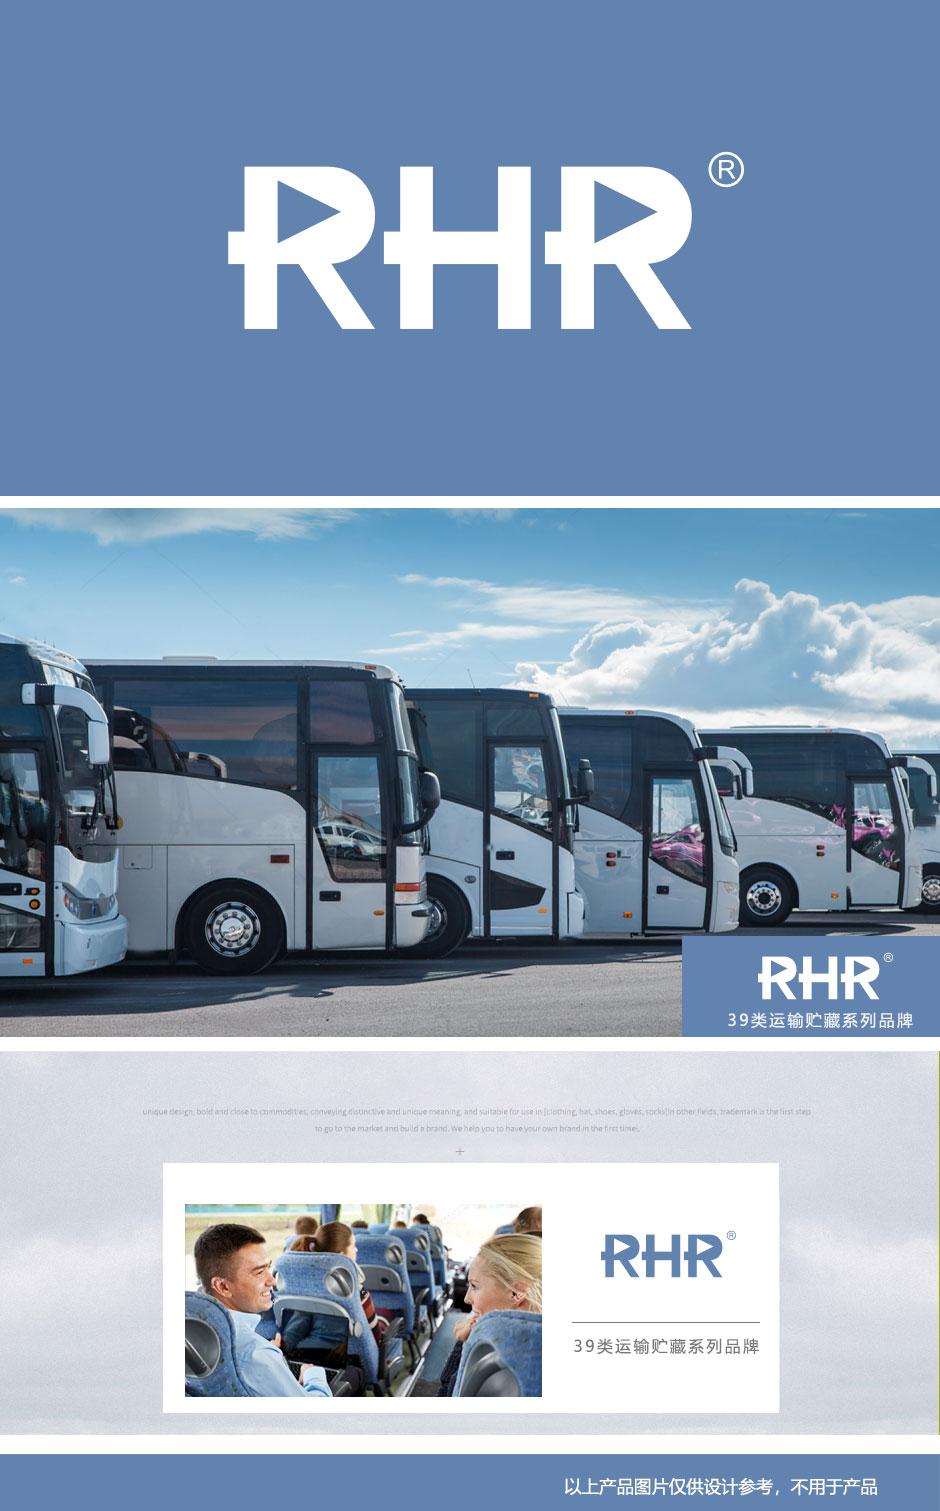 第39类-RHR